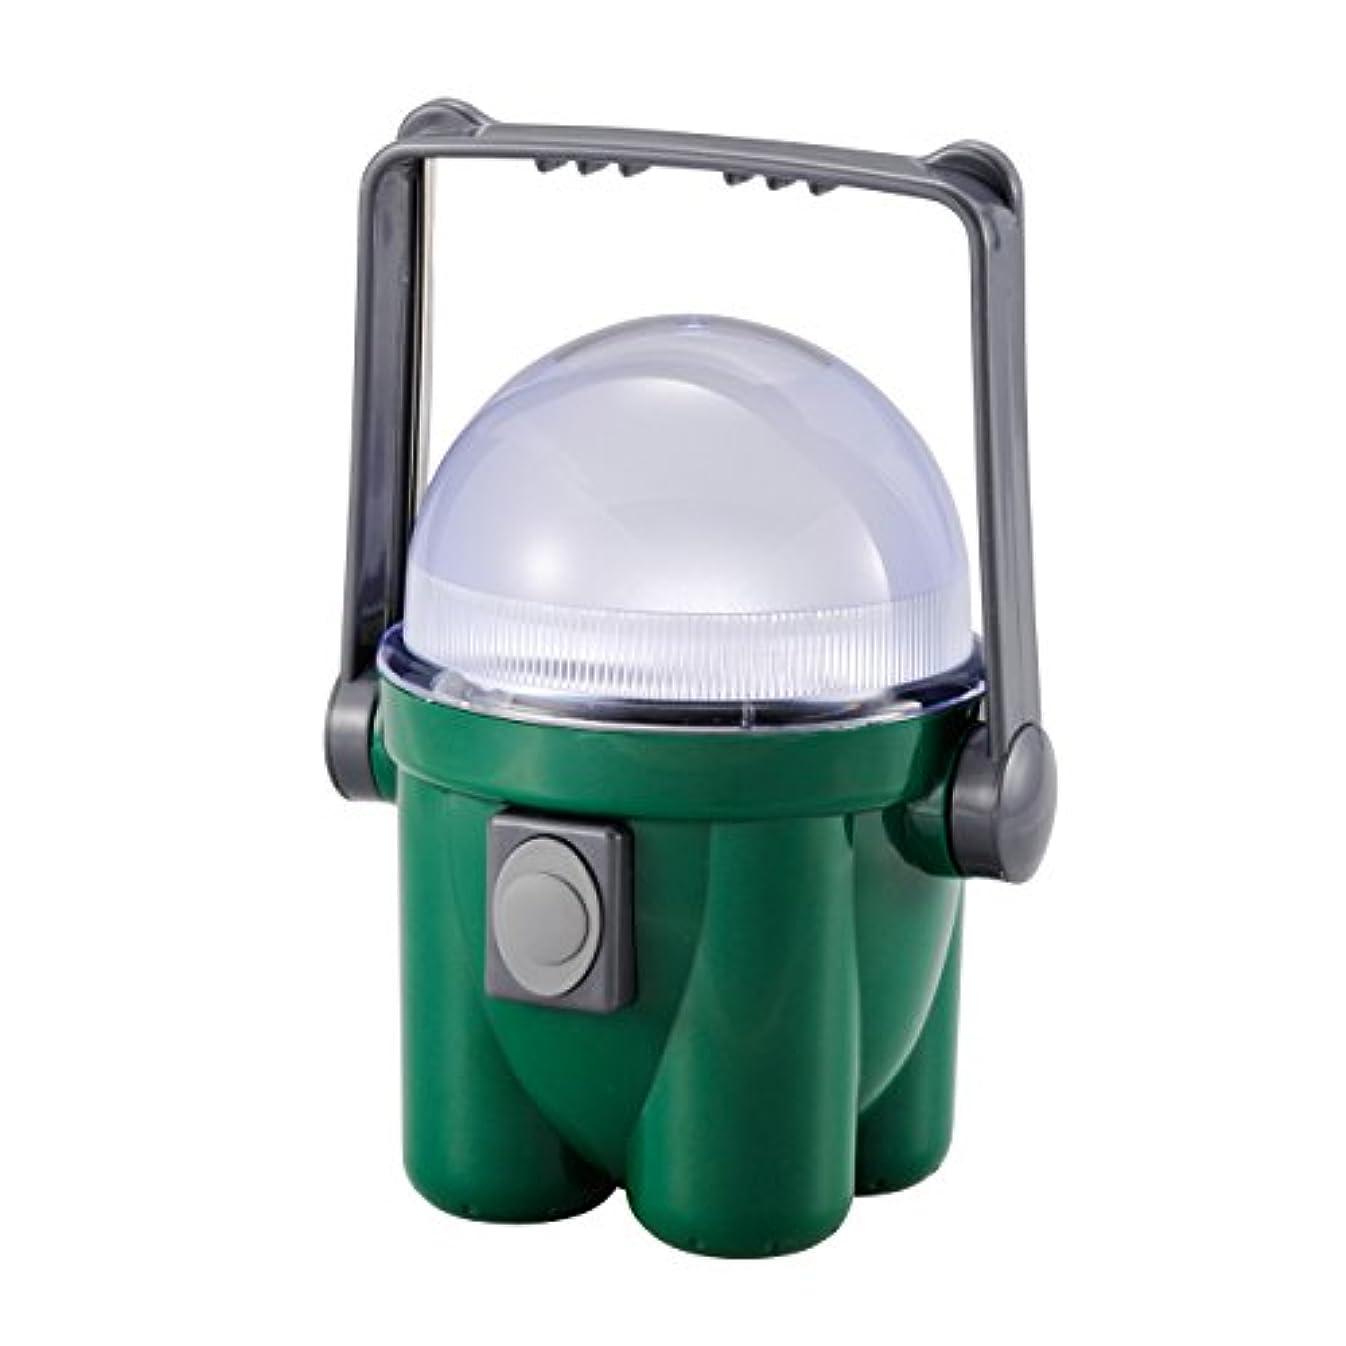 光電含む練習したオーム電機 LEDランタン LNP-02A5-G [LNP-02A5-G] LNP-02A5-G